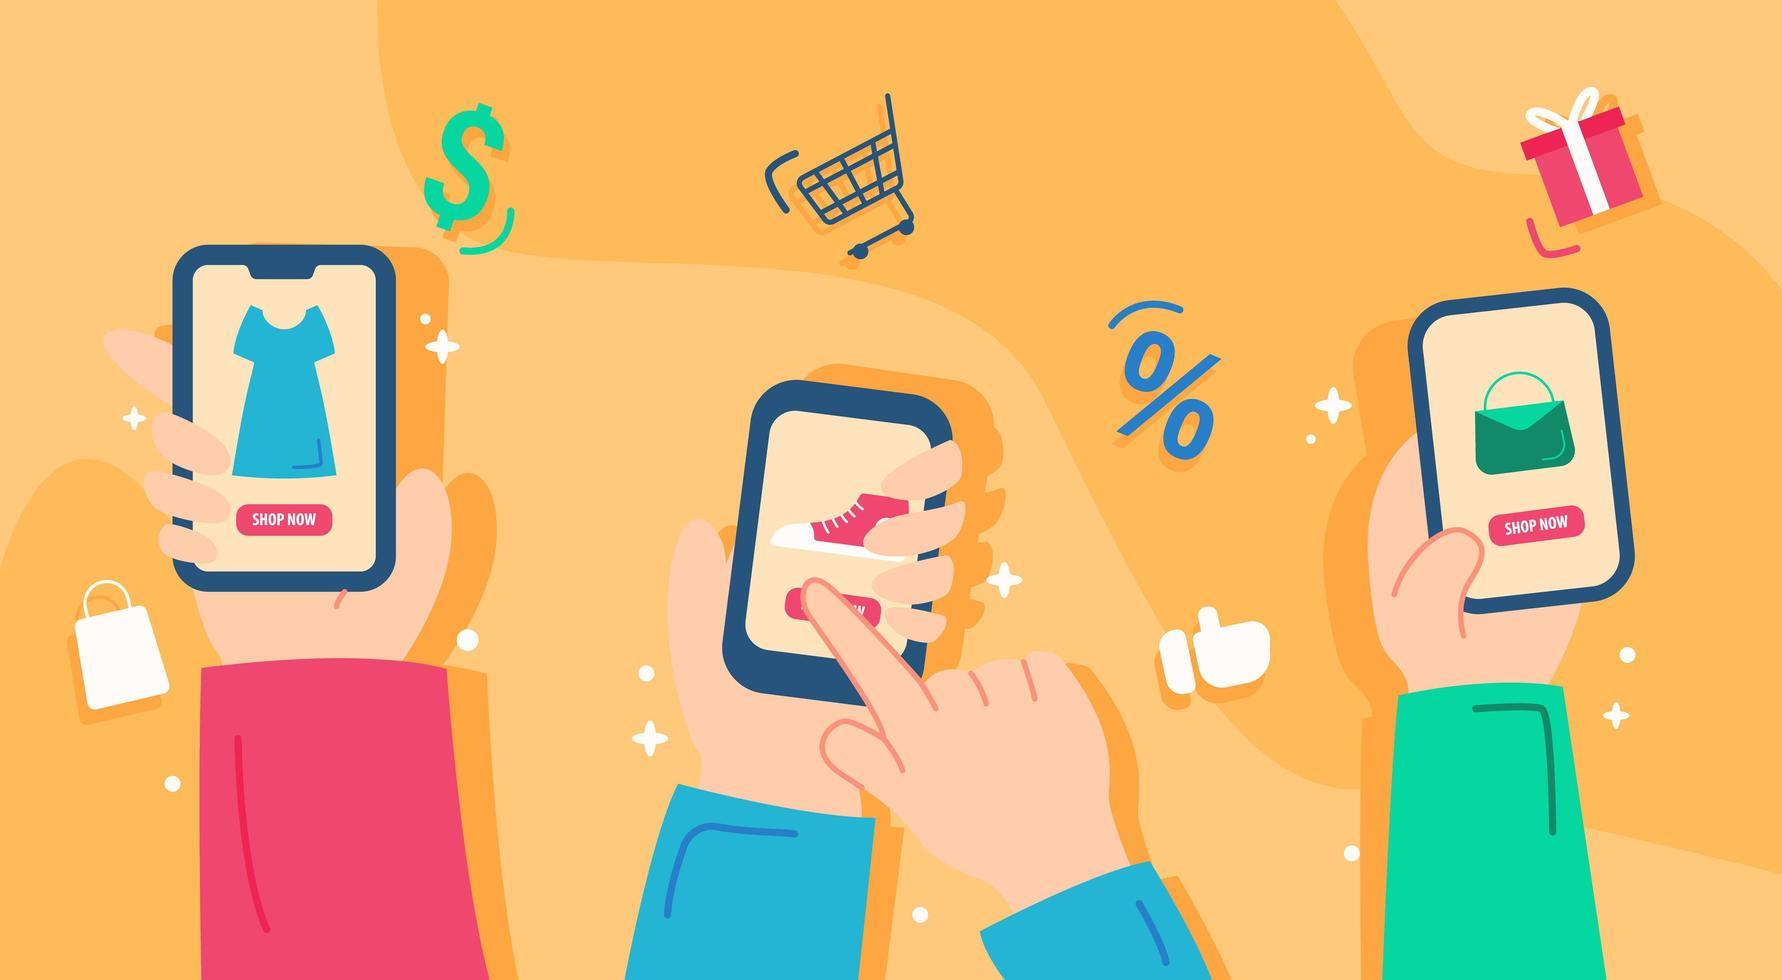 conception de technologie de smartphone e-commerce vecteur